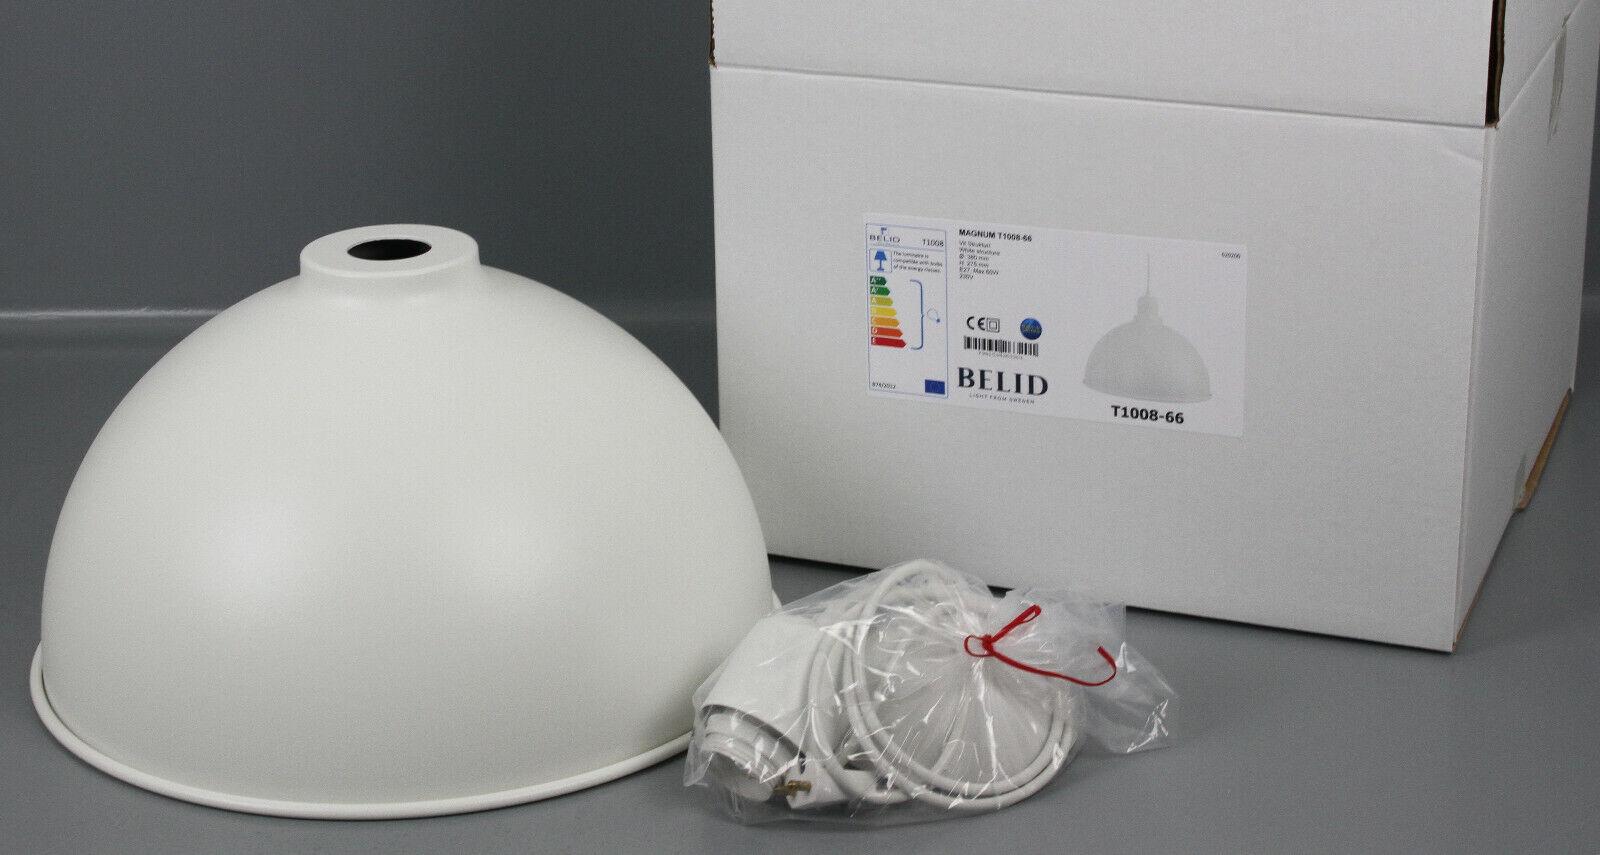 Belid Skandi-Schalen-Pendelleuchte Weiß Hängelampe Metall Lampe Ø38cm U2-1008-66